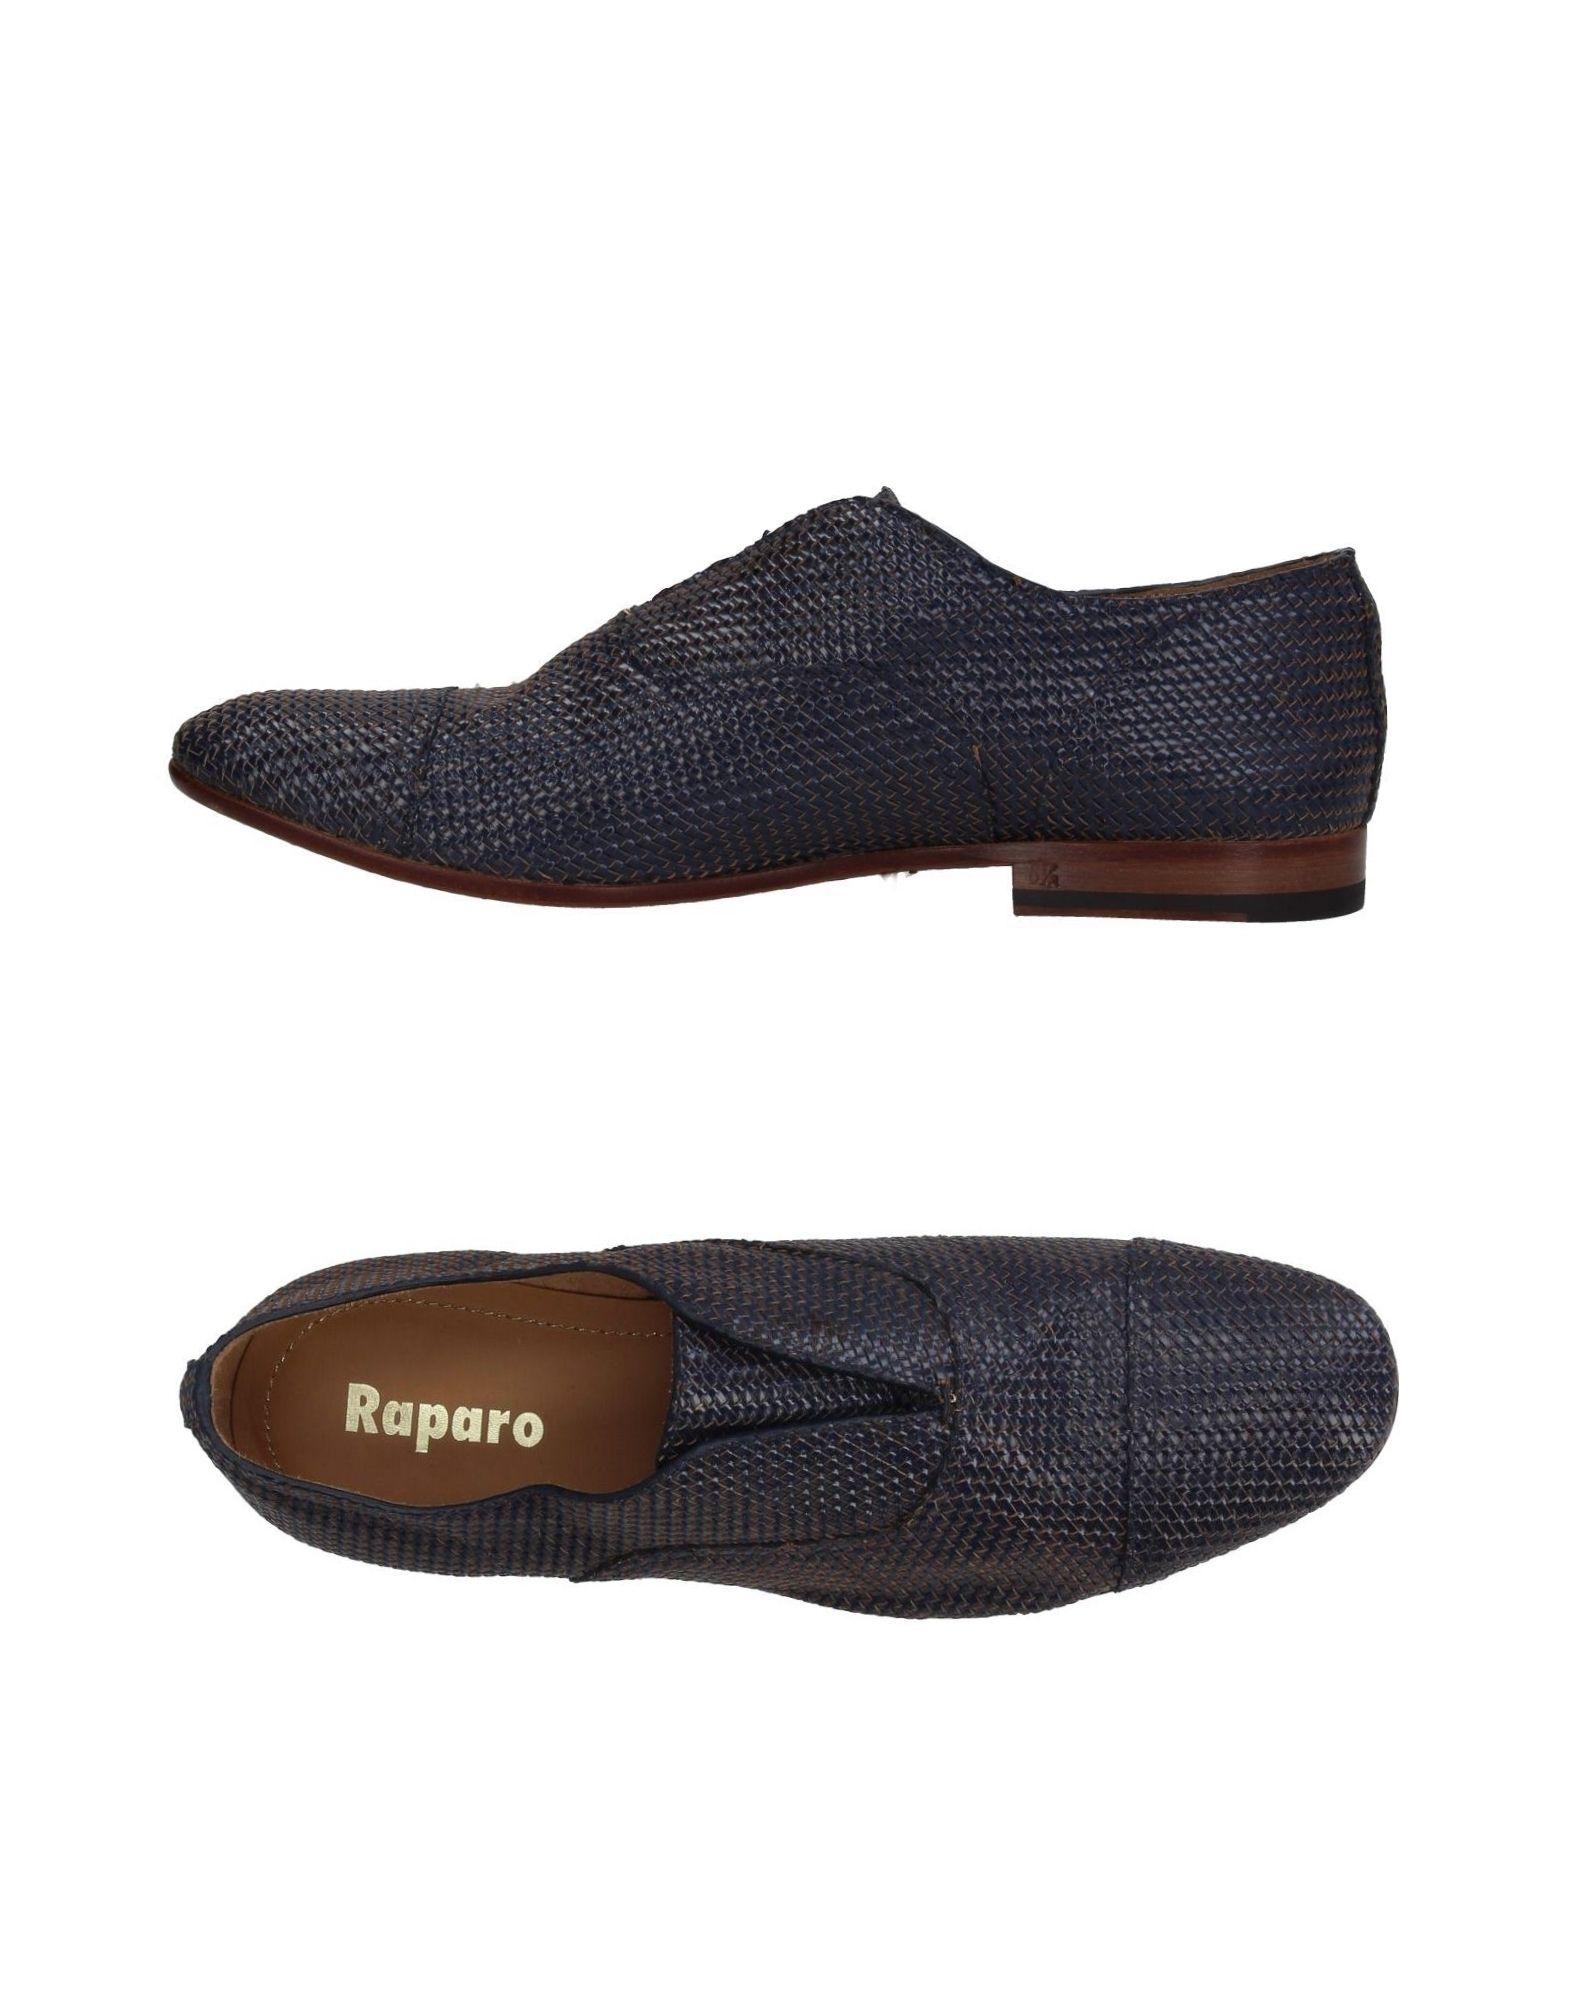 Raparo Mokassins Herren    11190075LU Heiße Schuhe 701184